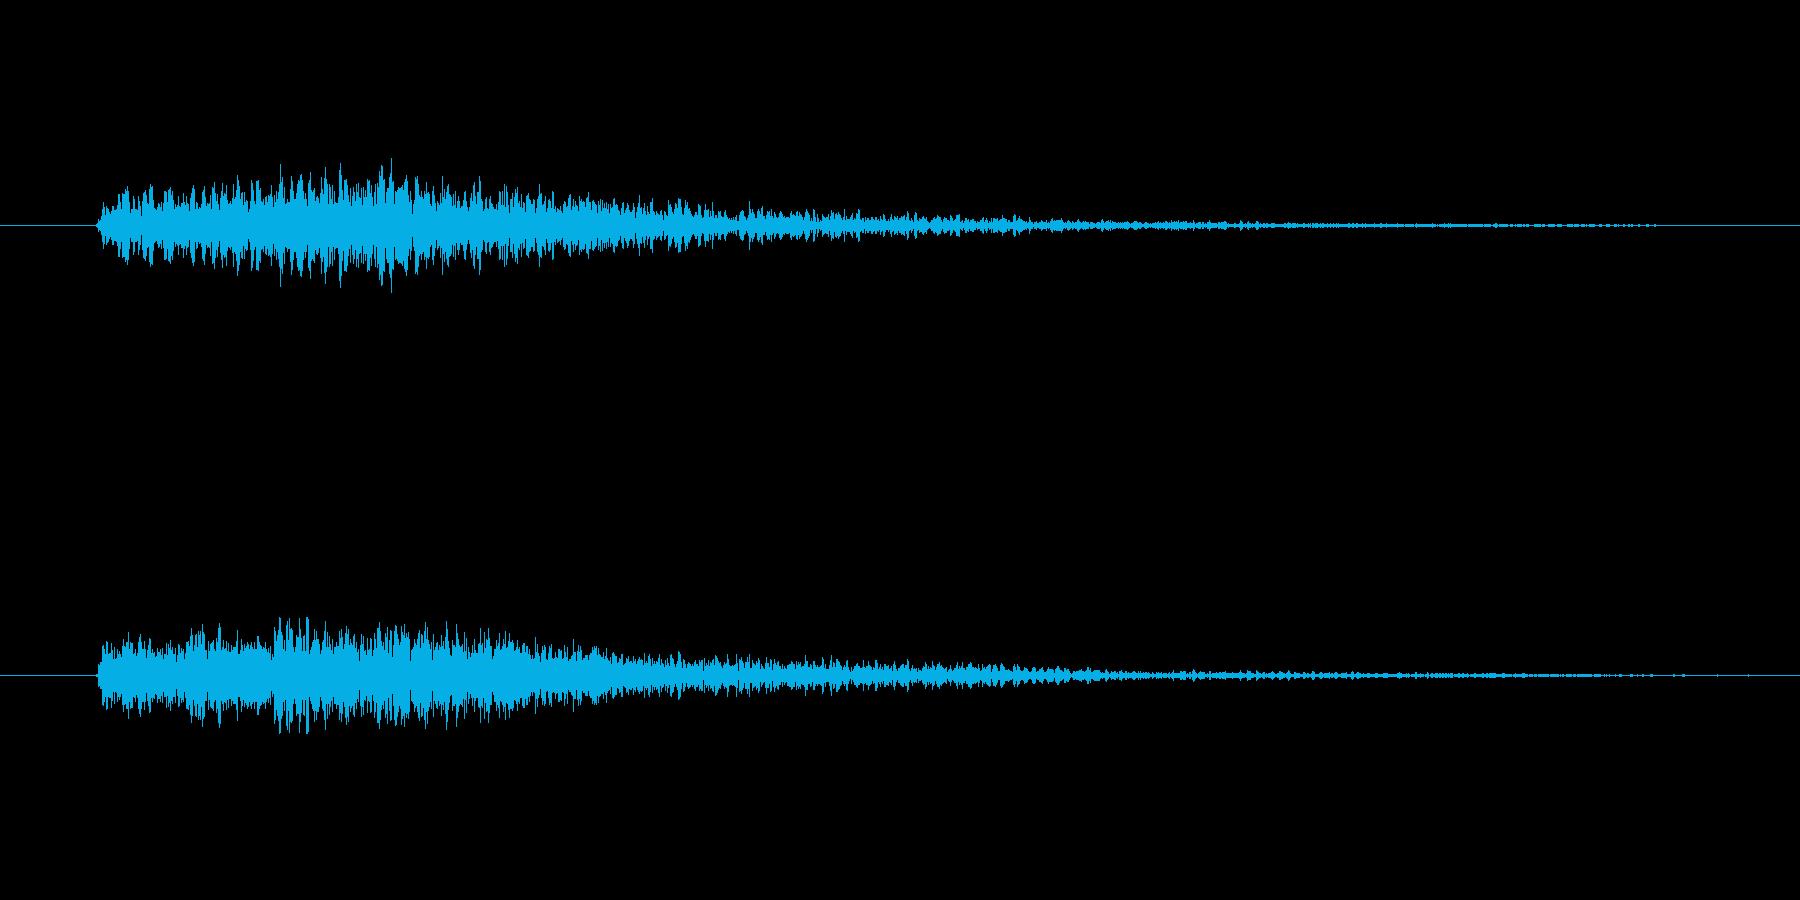 ドドドーン!(重大発表とかで聴く音)の再生済みの波形